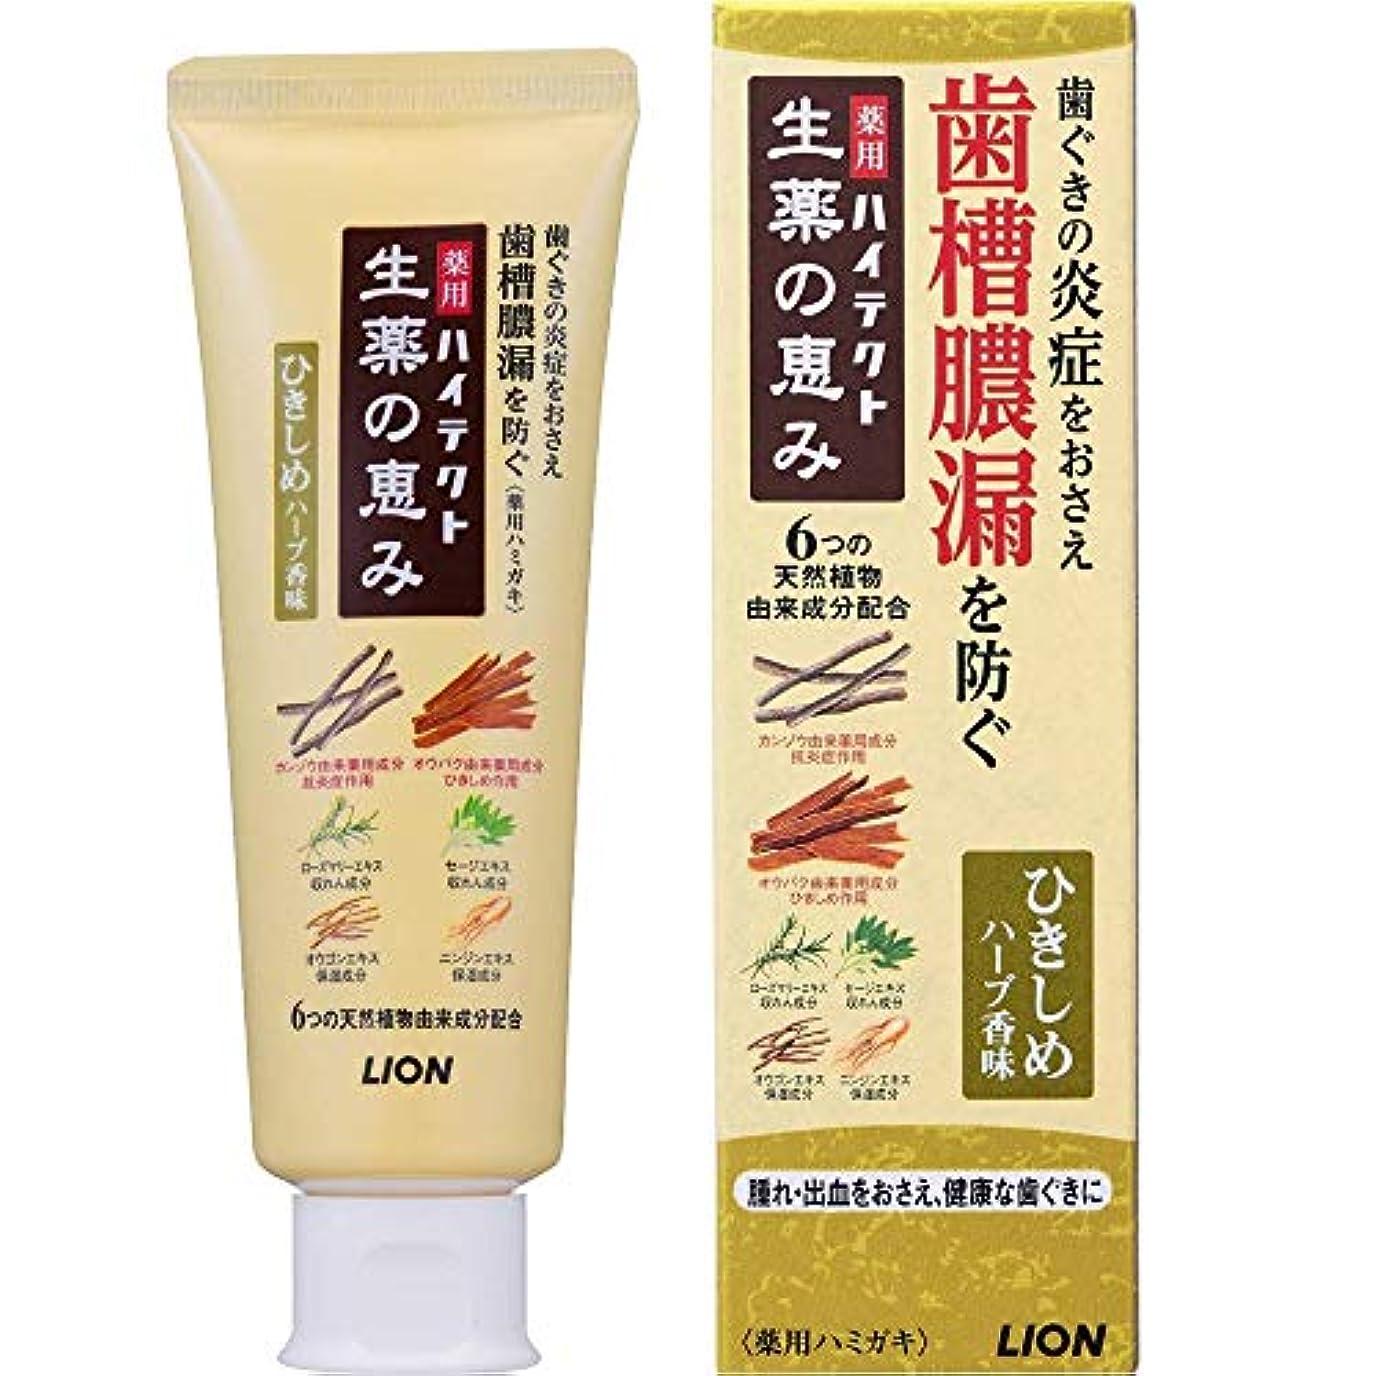 不注意否認する損傷薬用ハイテクト生薬の恵み ひきしめハーブ香味 90g